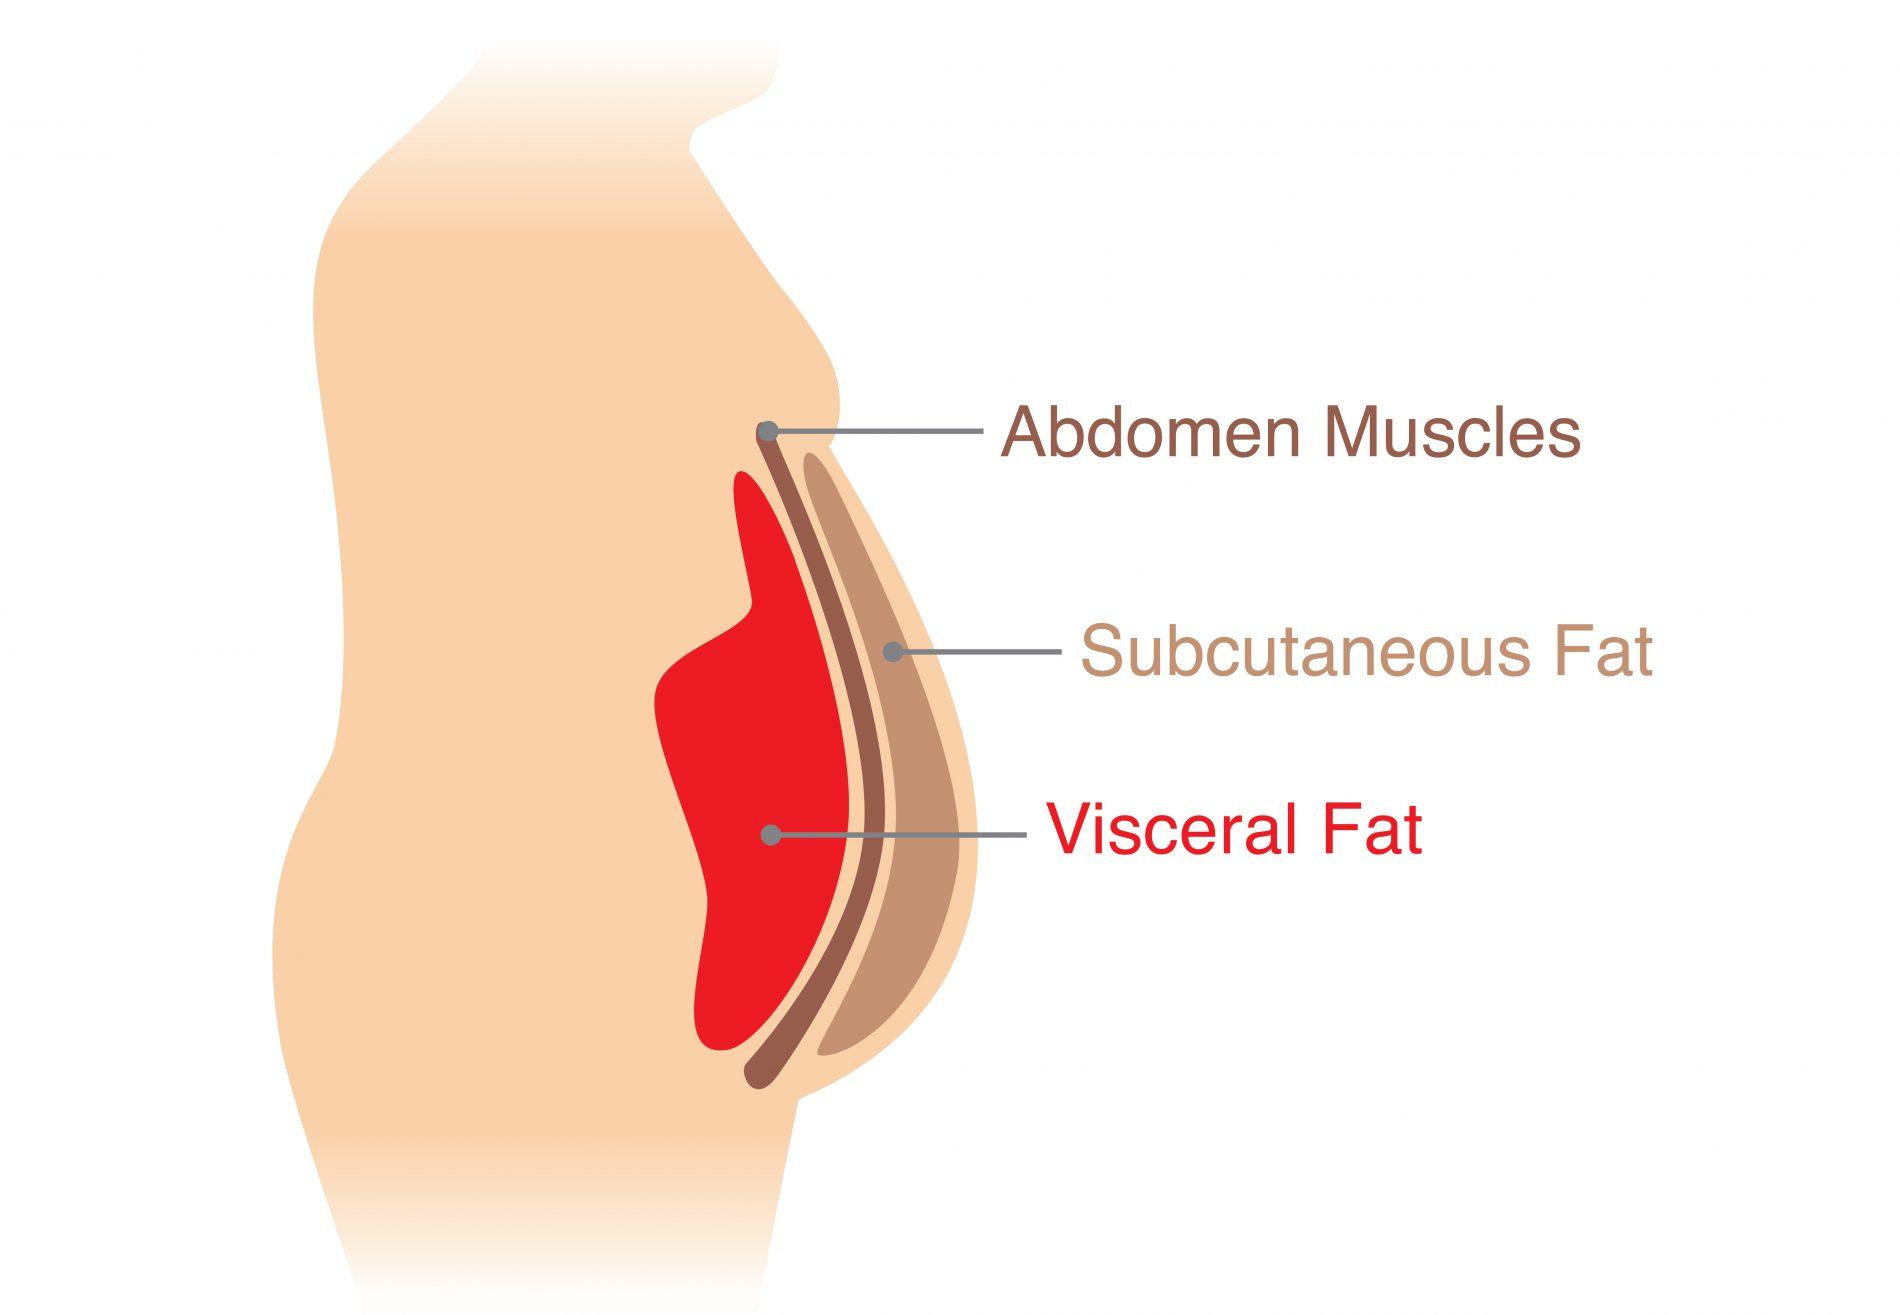 grasso addominale e viscerale, le differenze